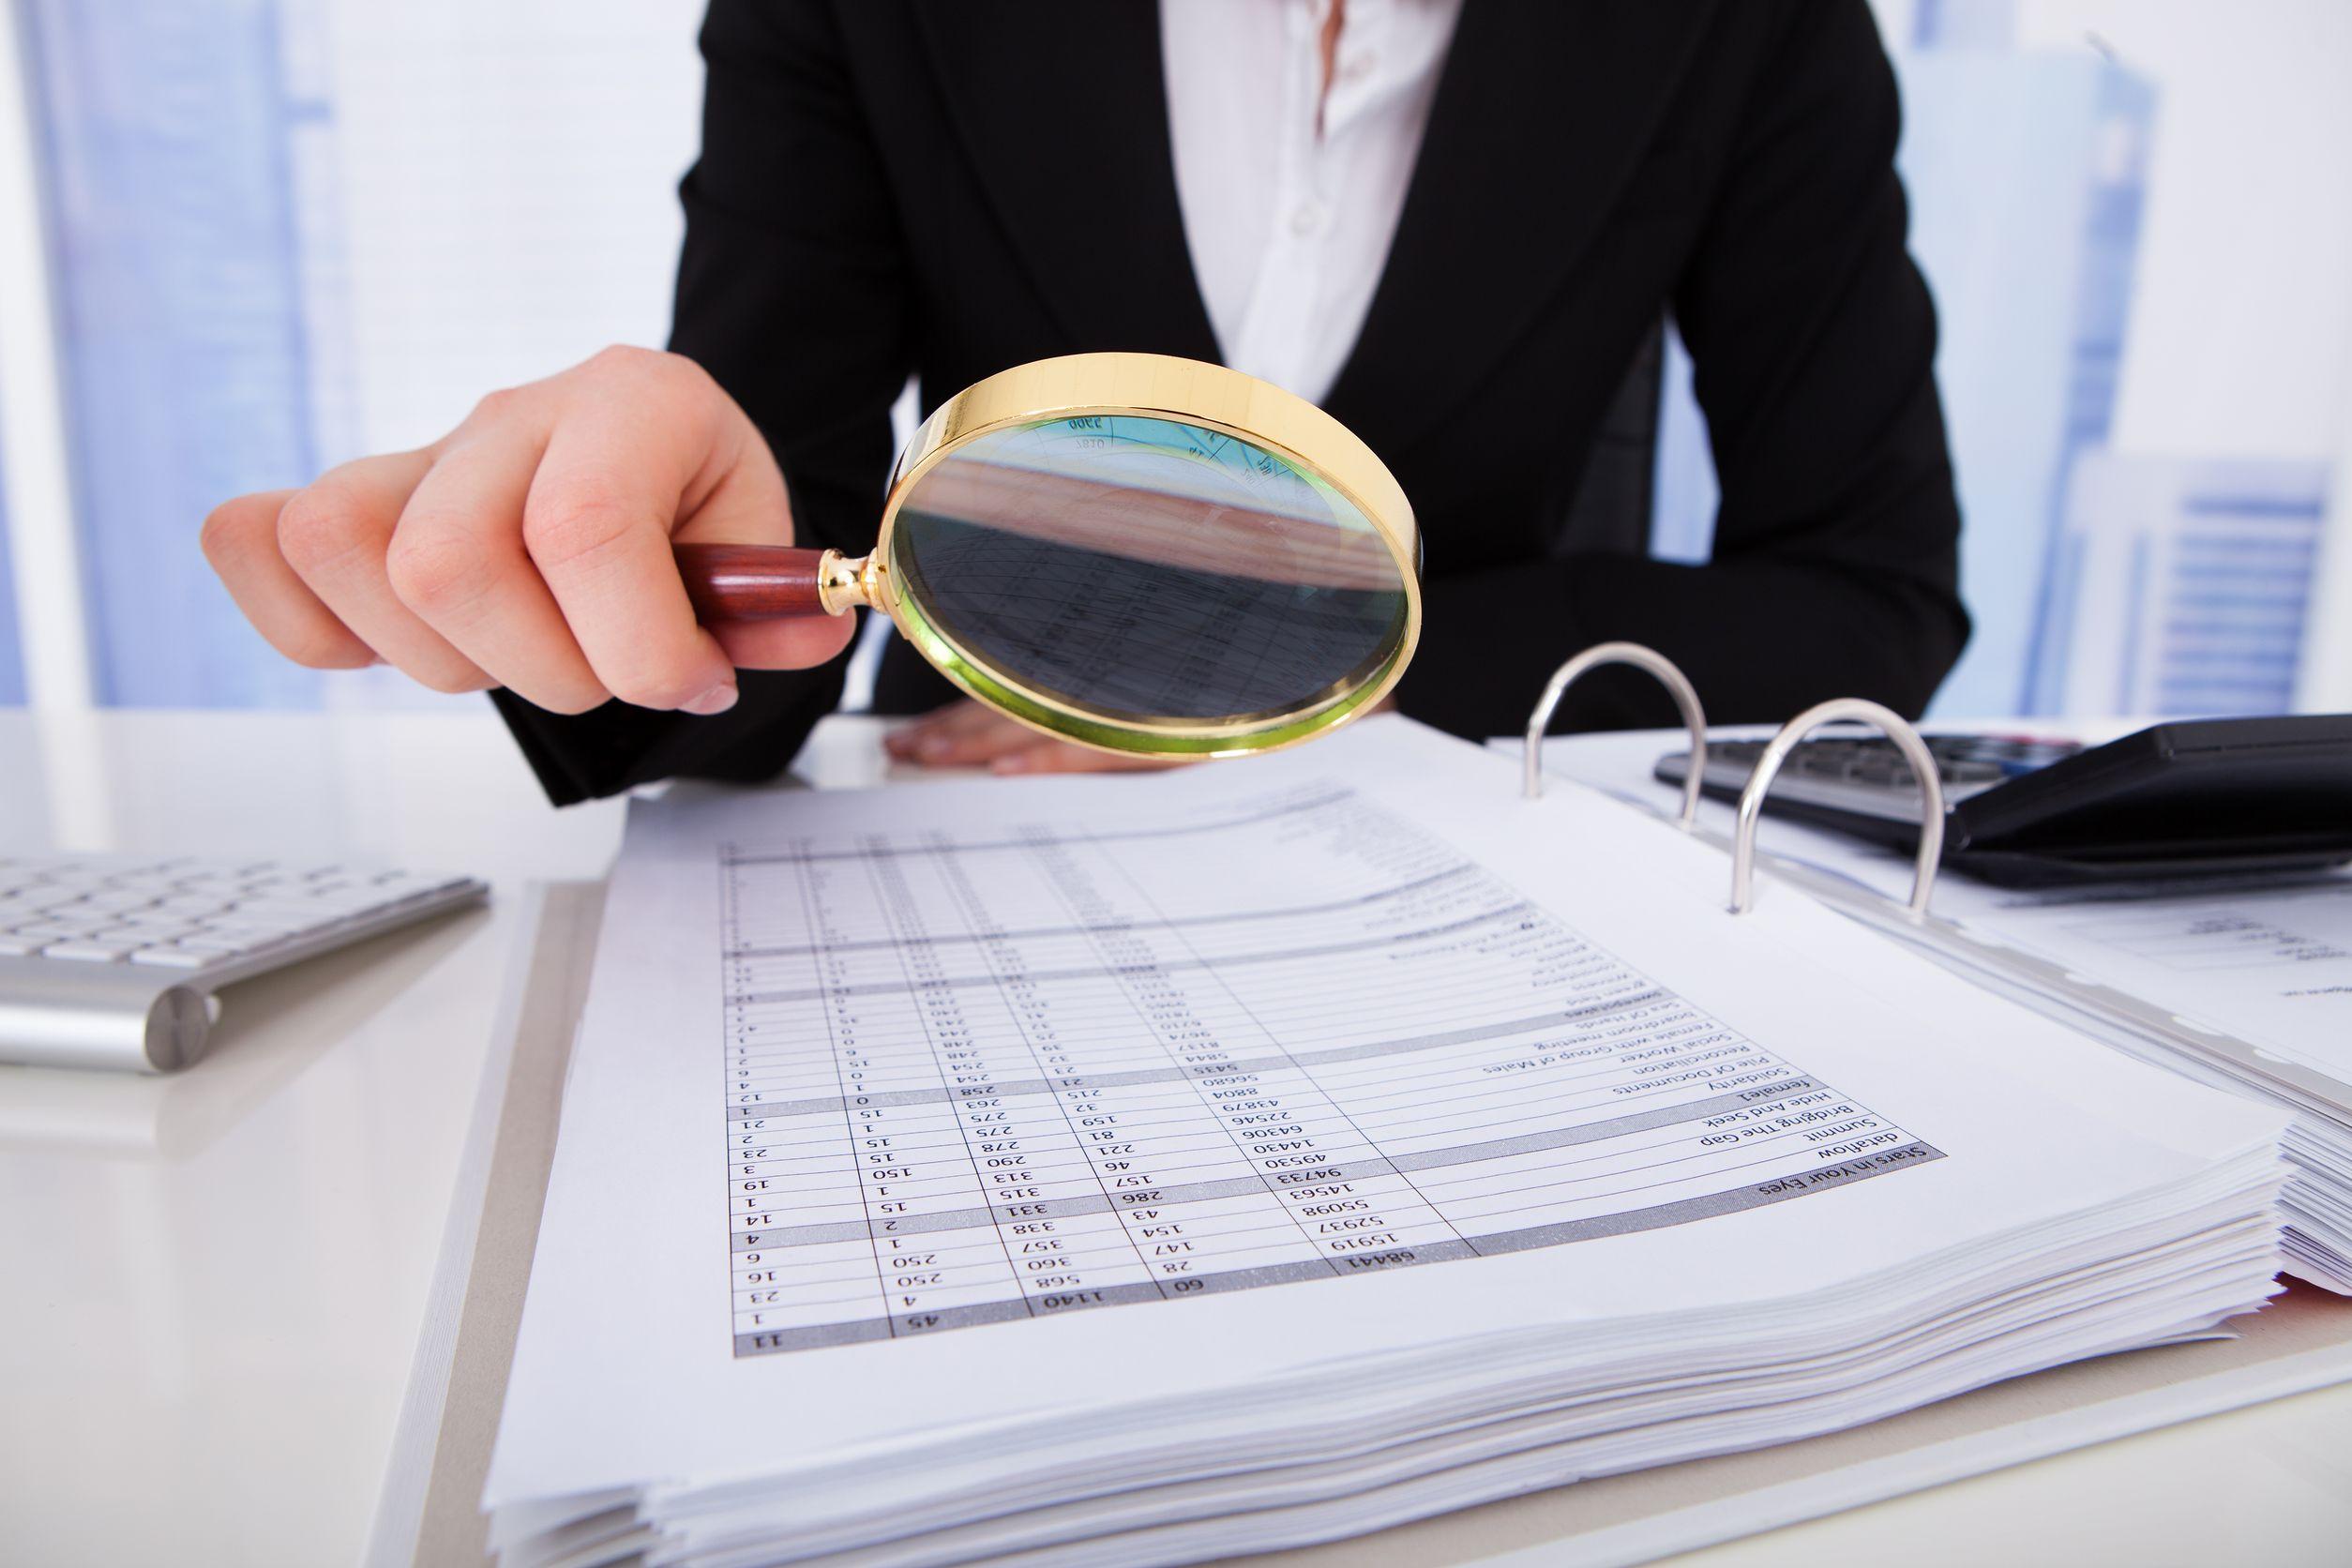 МВД предложило дать дознавателям внесудебный доступ к счетам граждан